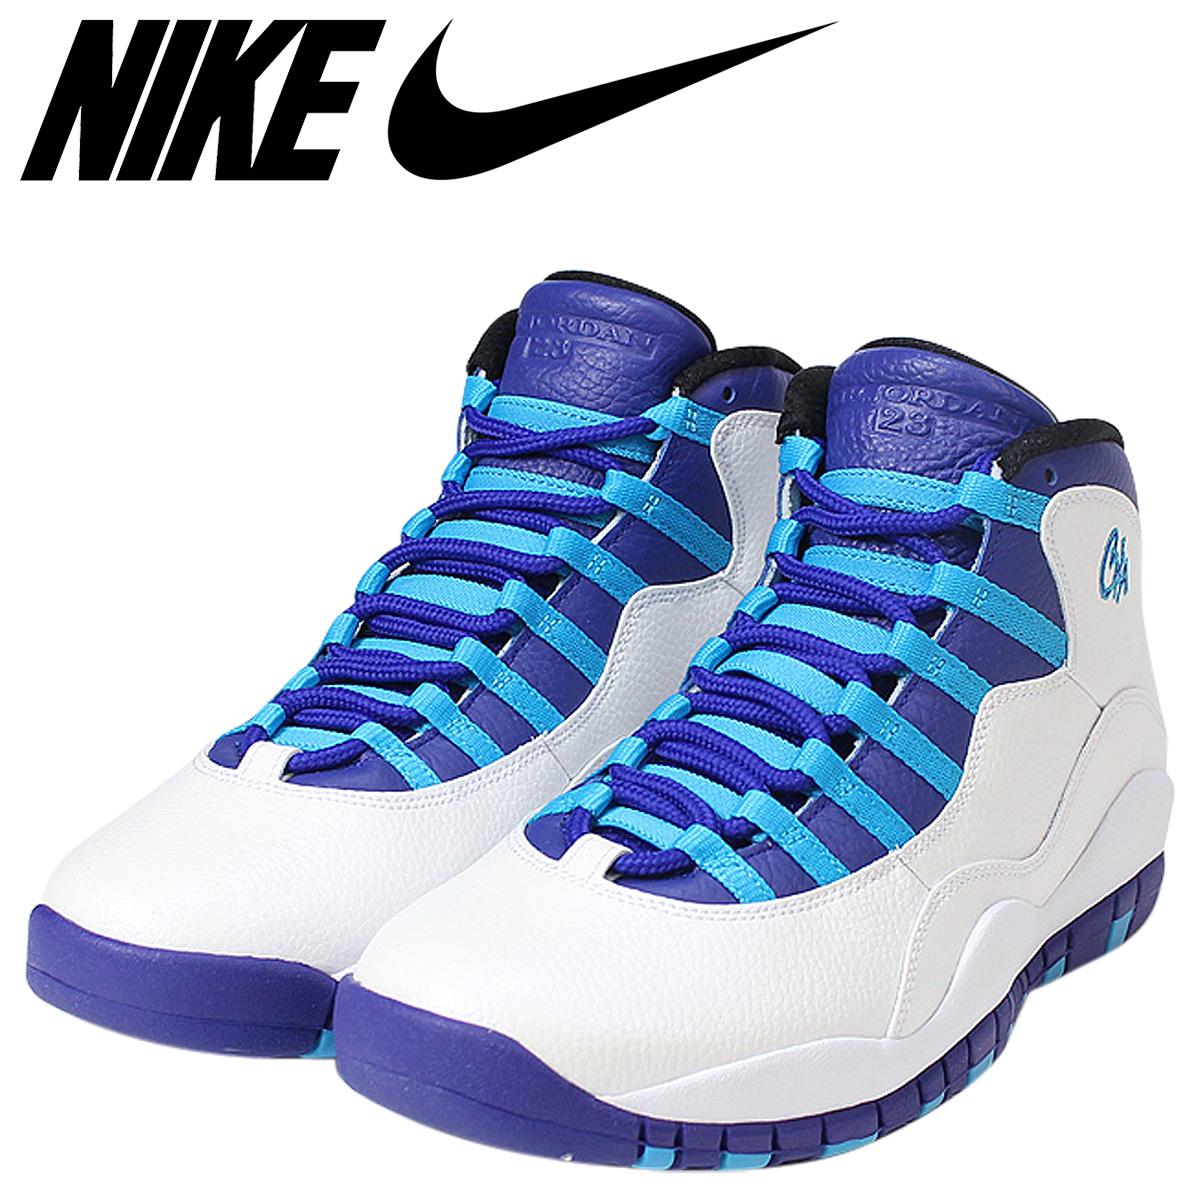 bfb289ac79ec ALLSPORTS  Nike NIKE Air Jordan 10 nostalgic sneakers AIR JORDAN 10 ...